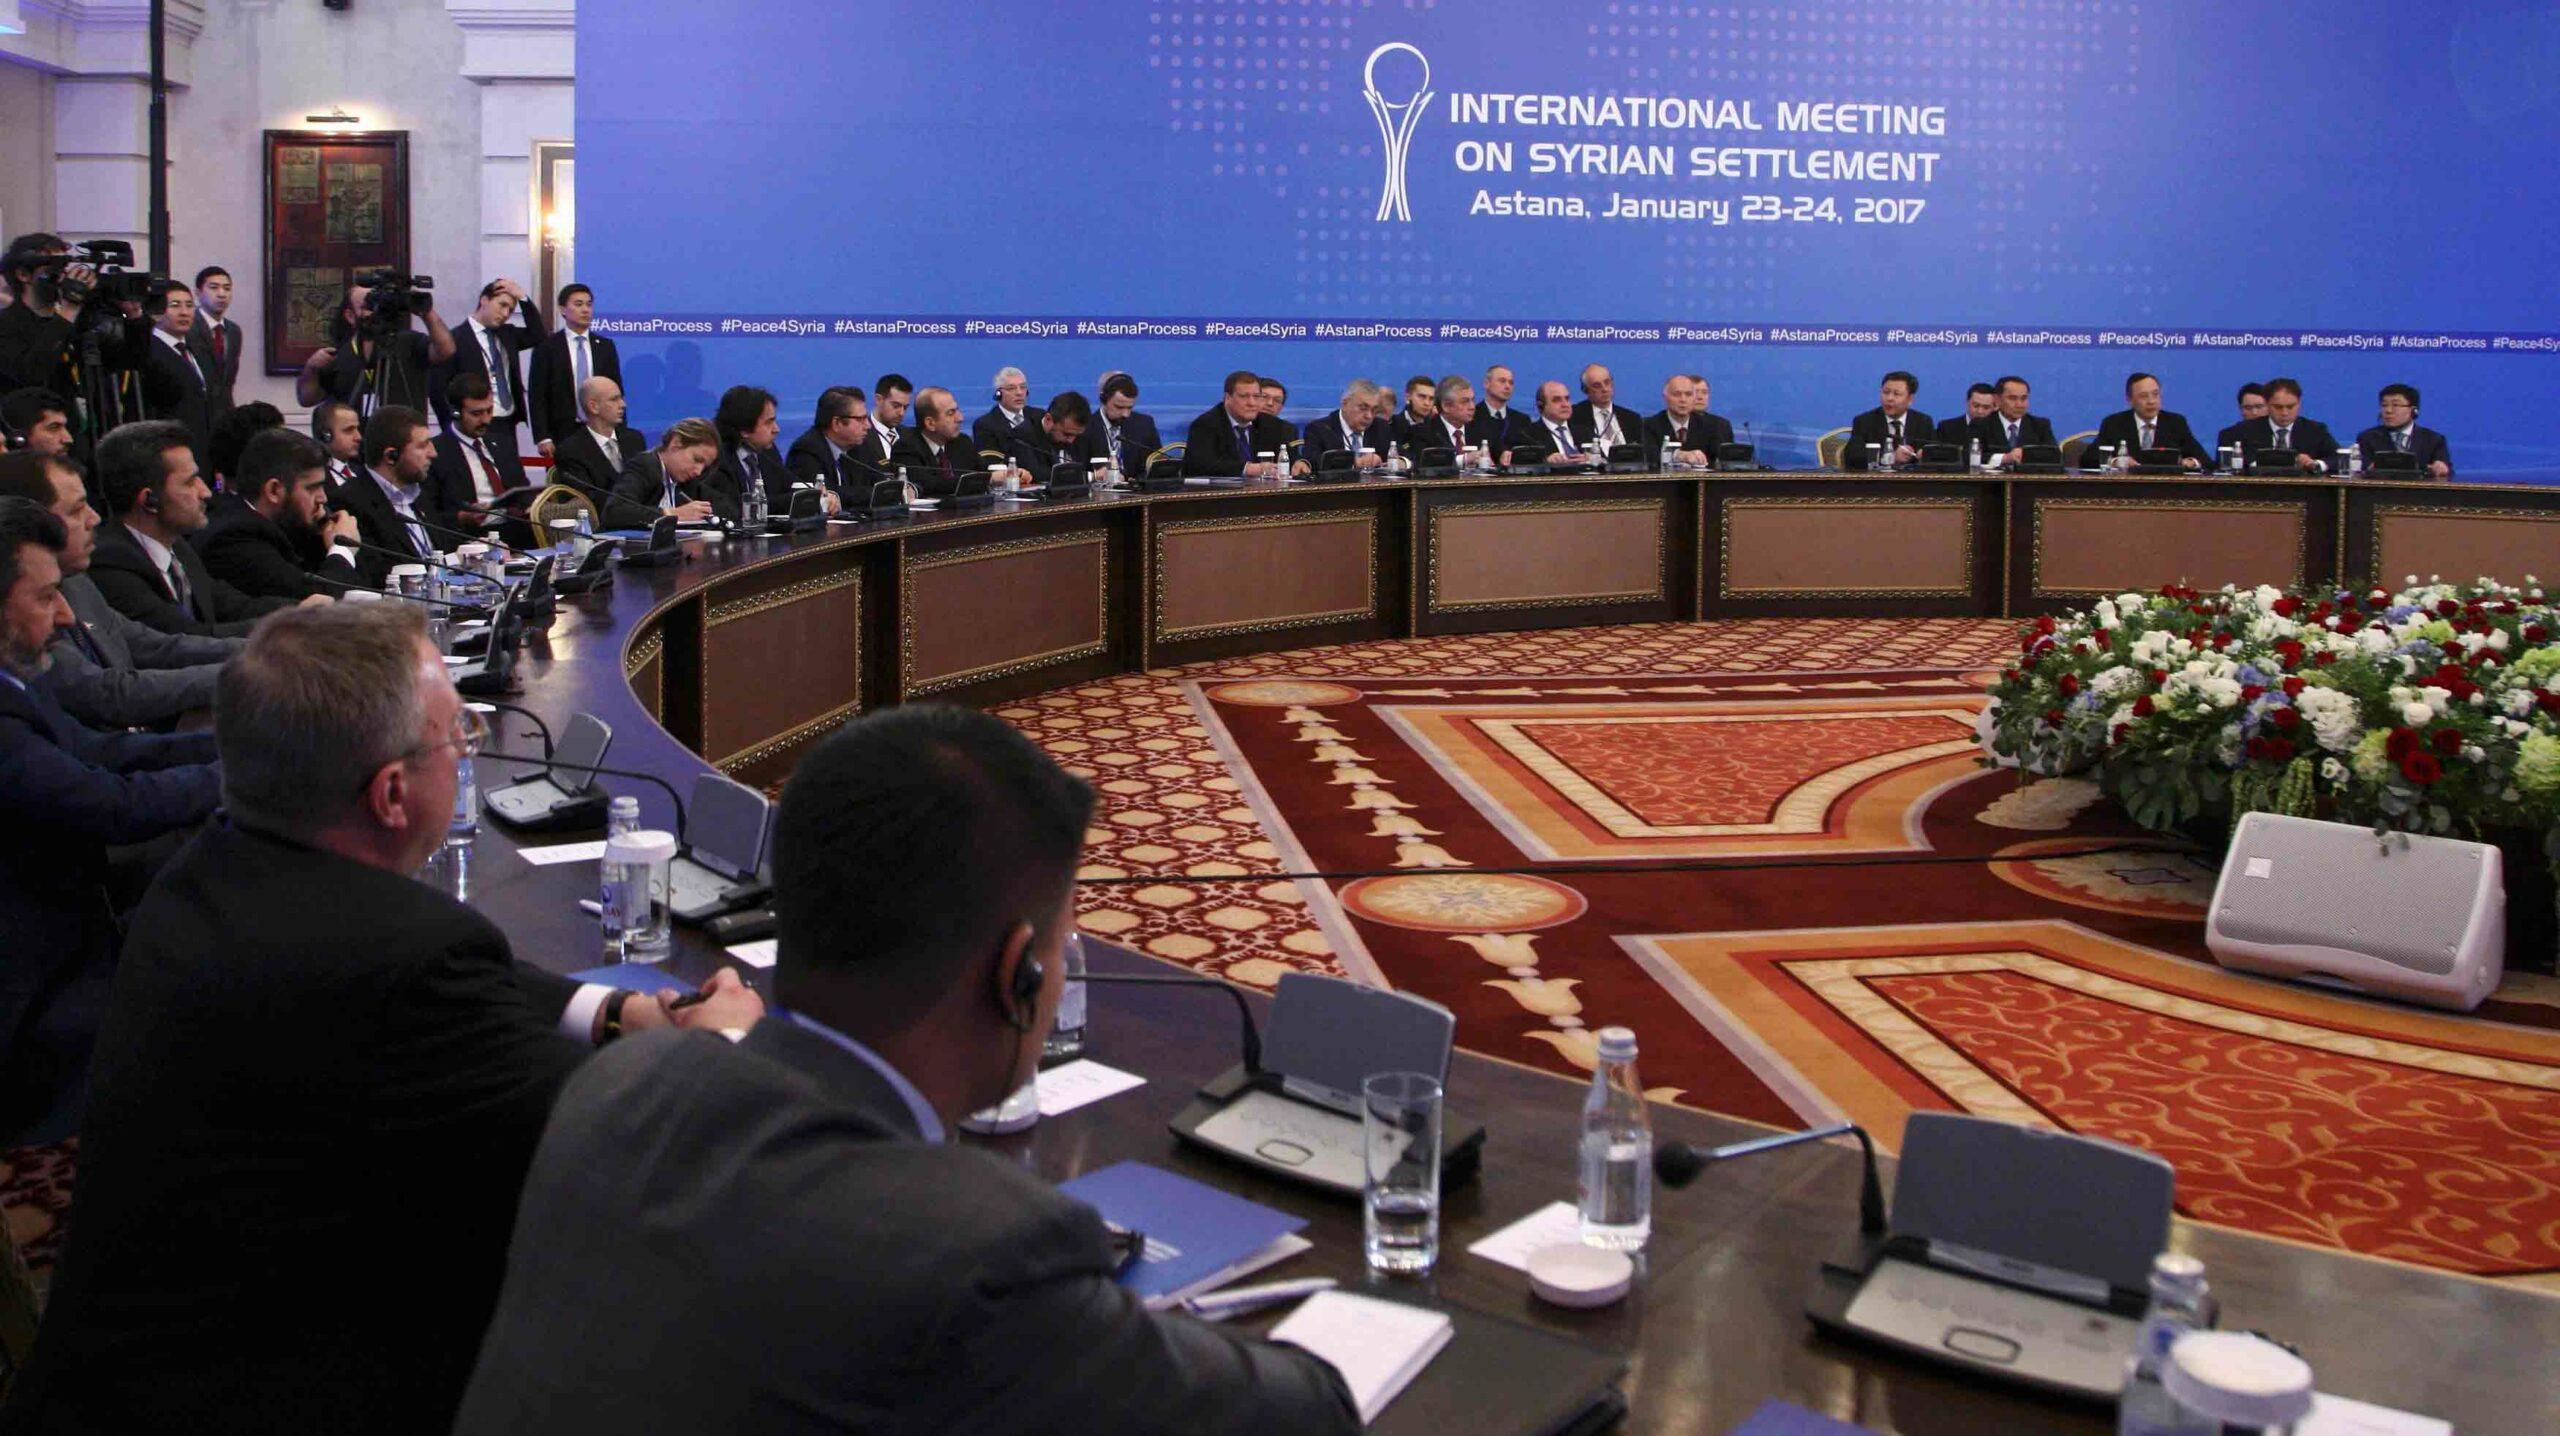 Muhalifler Astana'ya katılımı askıya aldı | Al Jazeera Turk